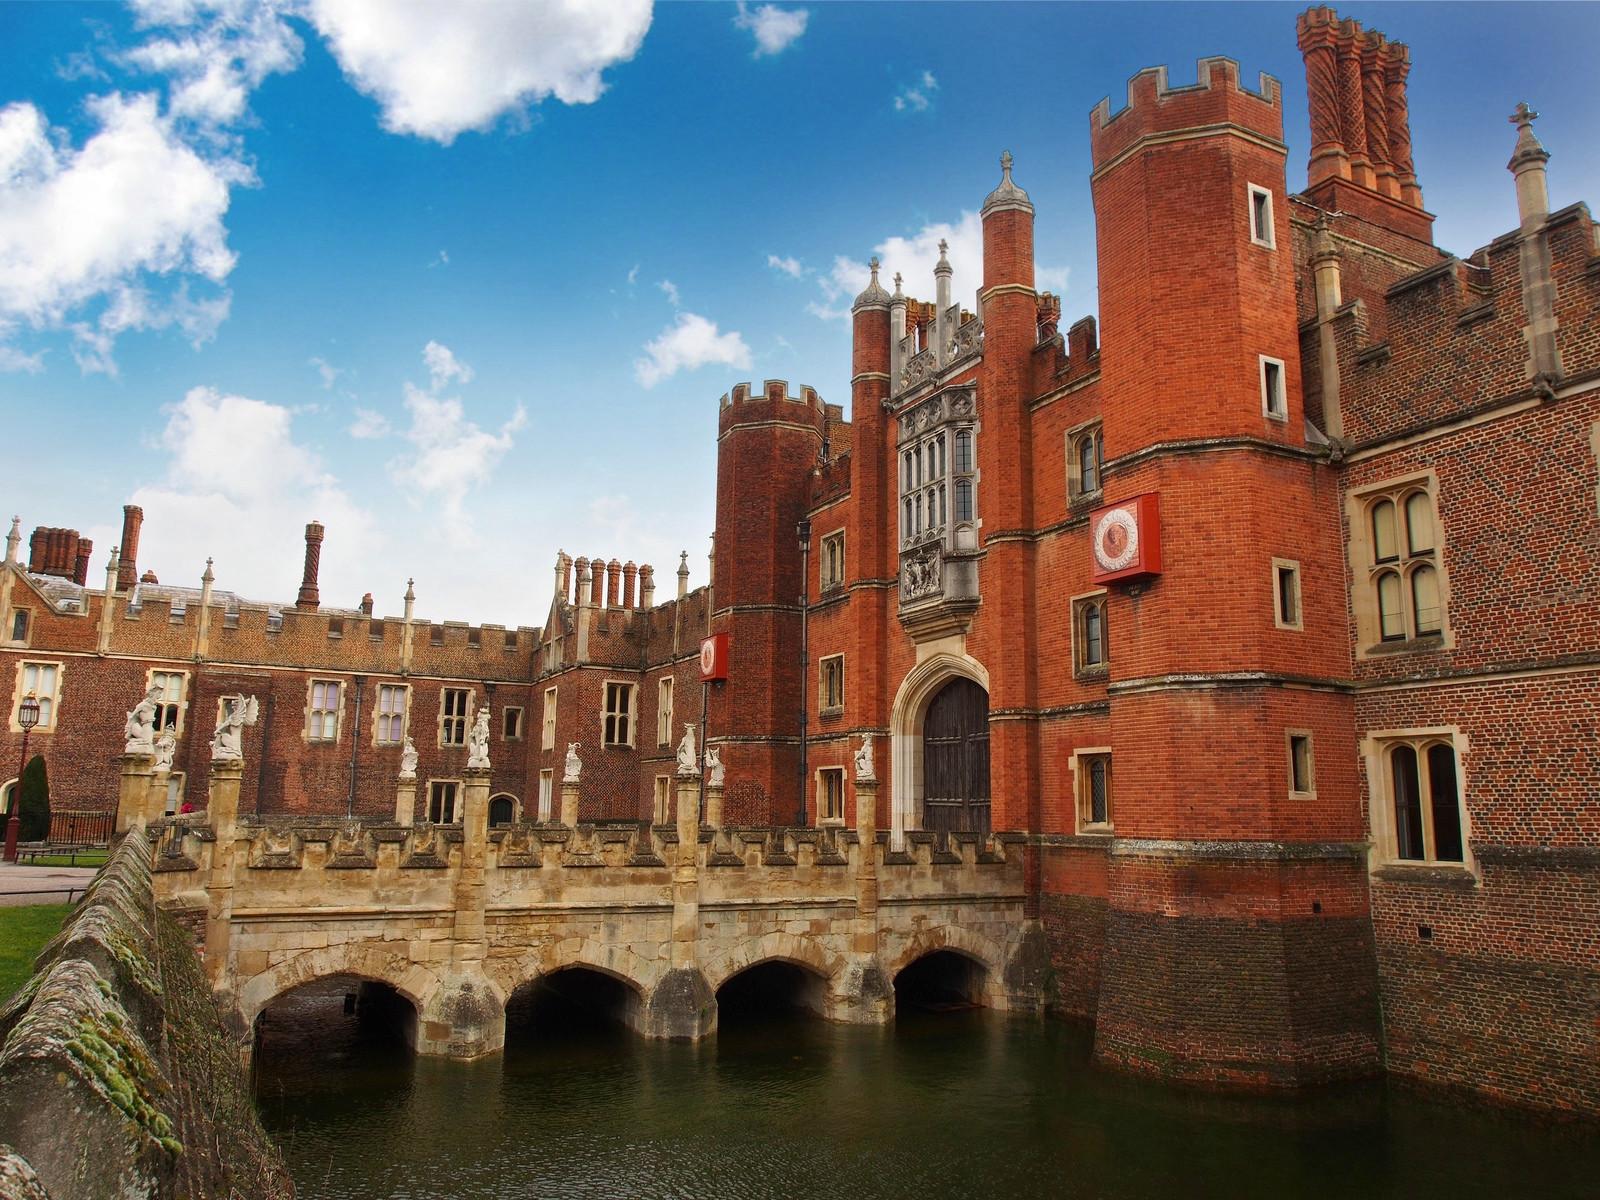 Hampton Court moat. Credit David Farquhar, flickr